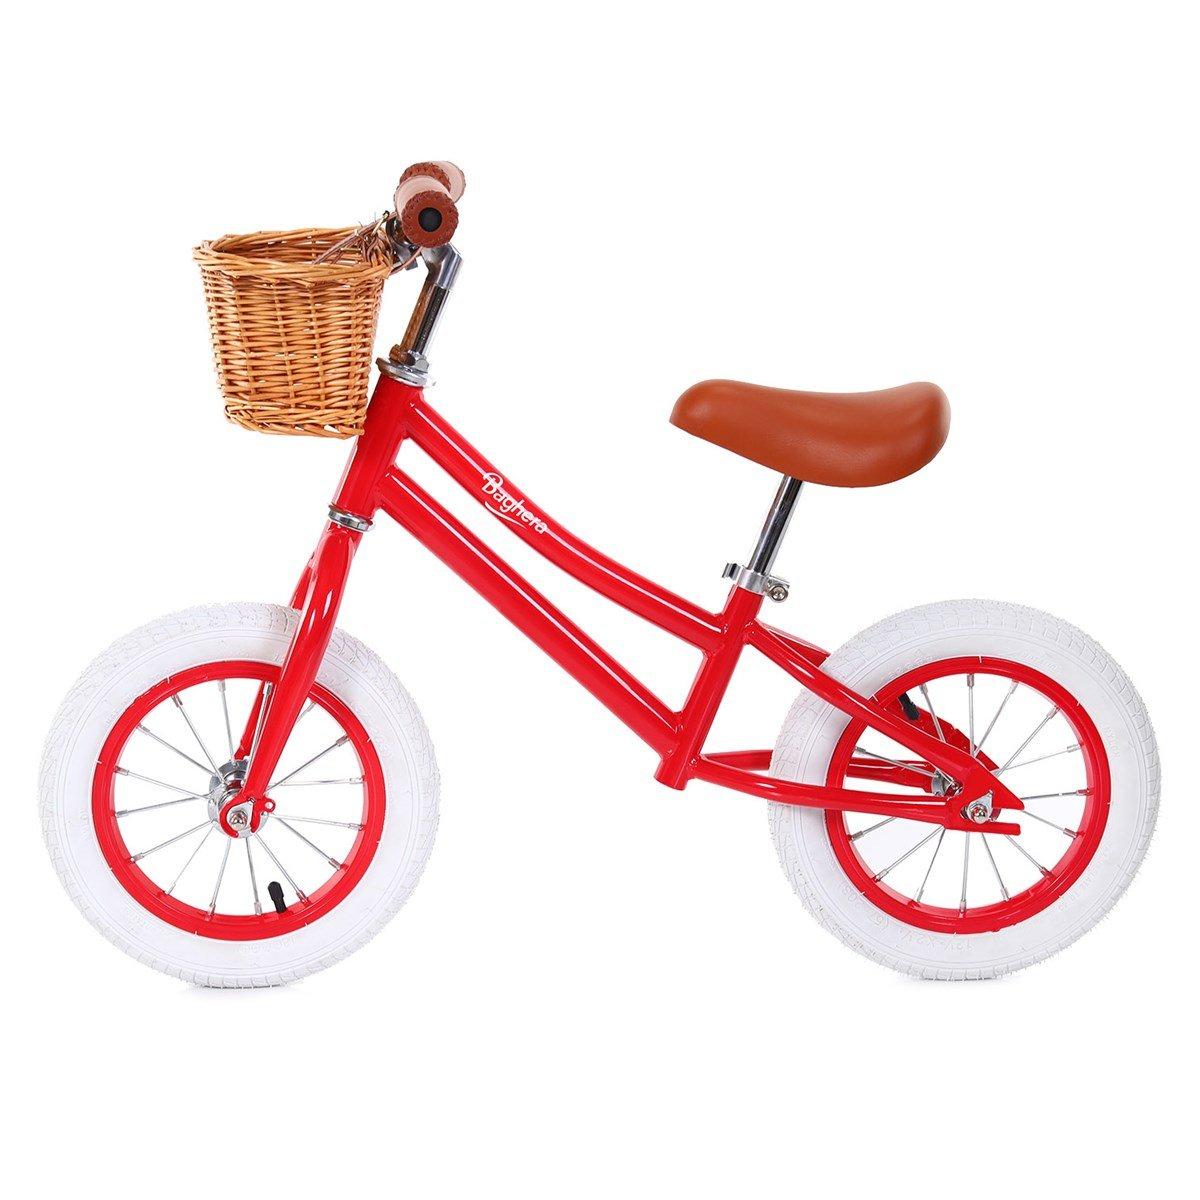 Bra balanscykel för barn